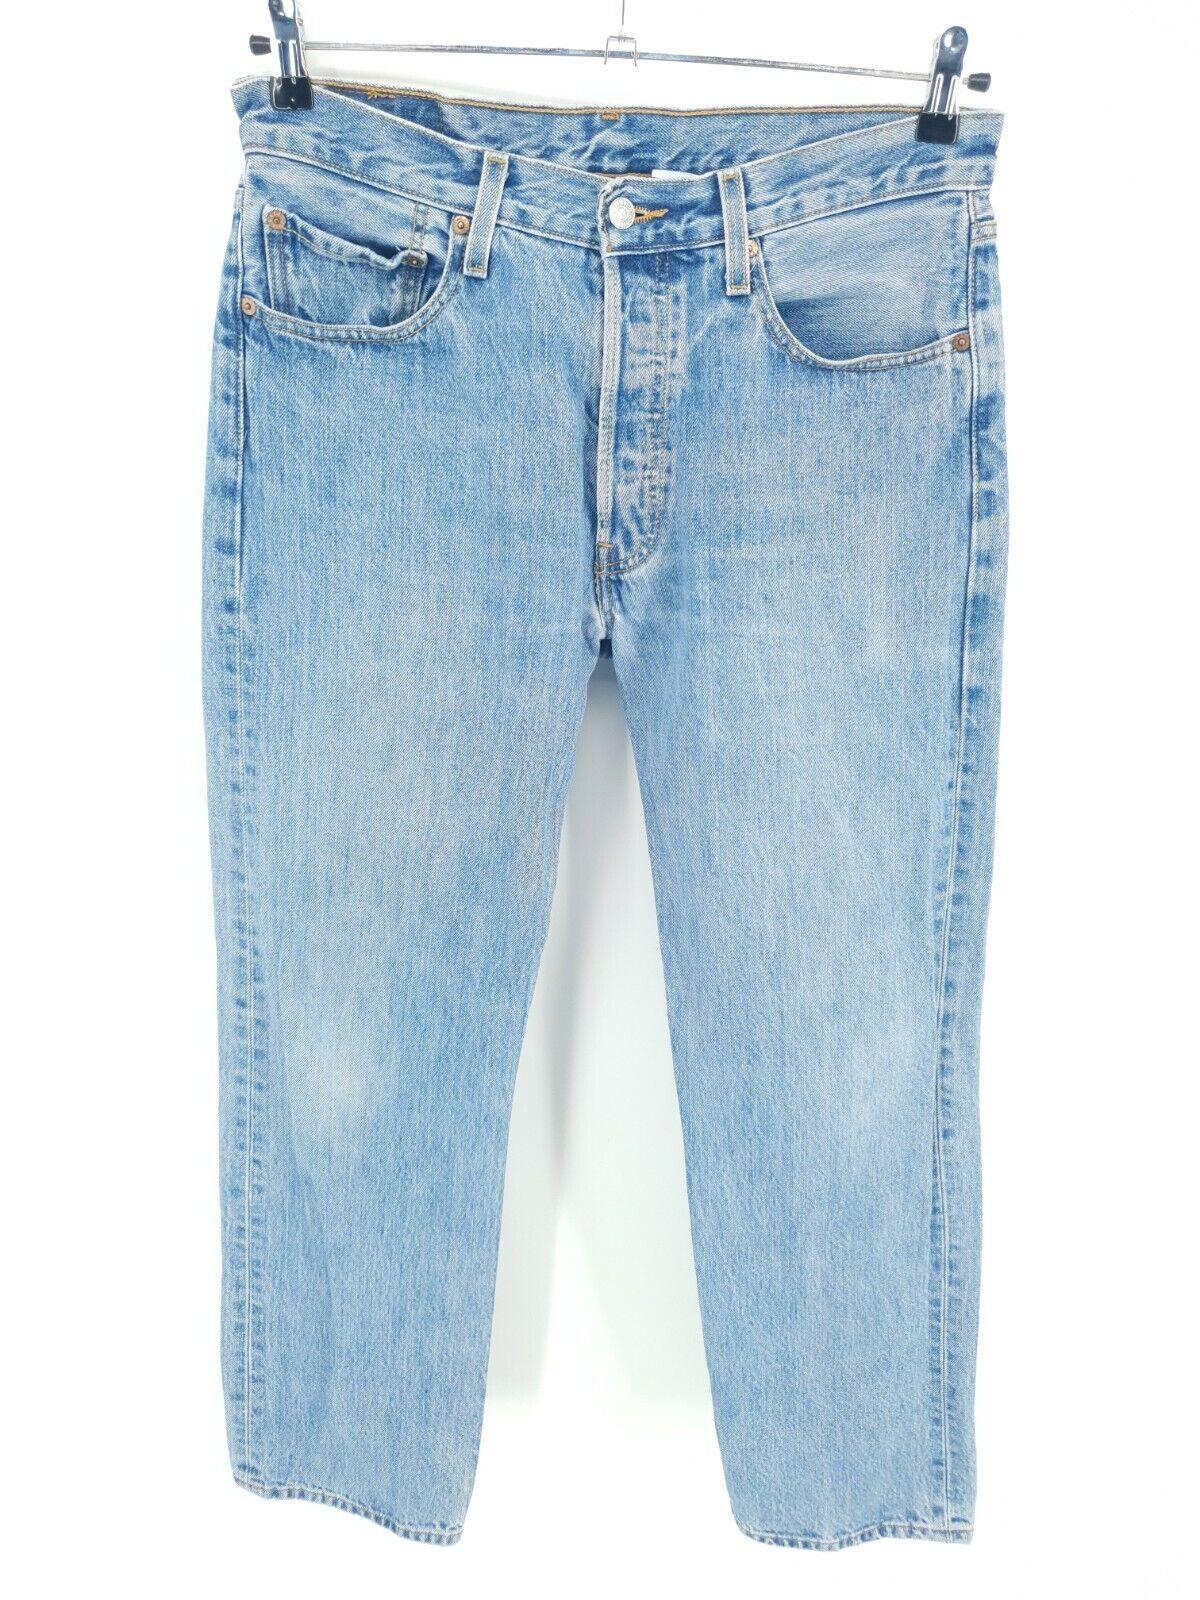 Vintage  Levis 501 XX Jeans Mens 3x30 Distressed … - image 1